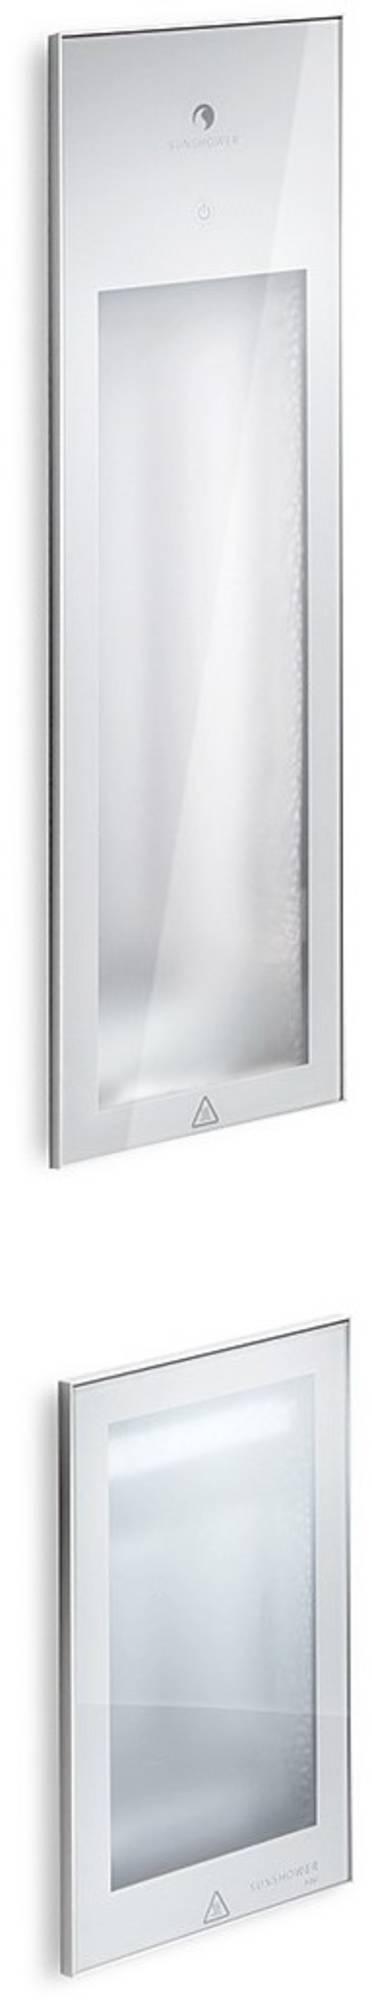 Productafbeelding van Pure Duo Infrarood Inbouwapparaat 20X62X10 cm En 20X32X10 cm Met Kuitbrander Aluminium Sunshower